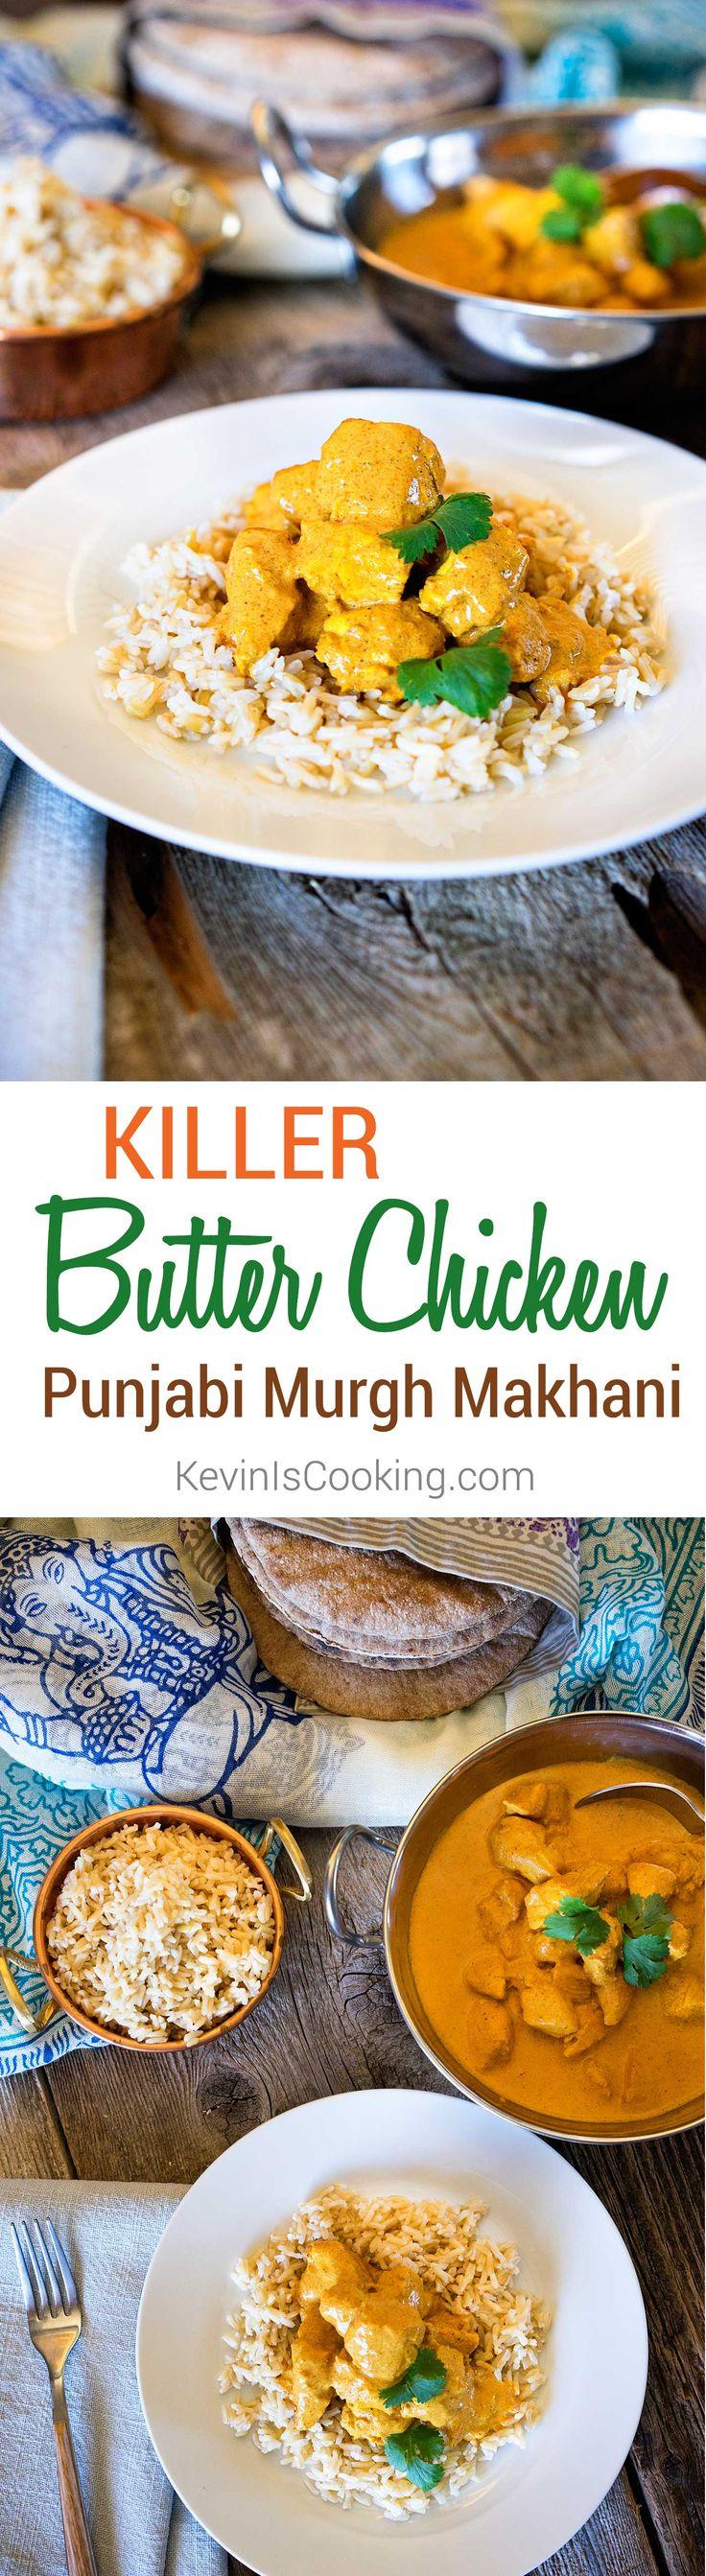 Killer Butter Chicken - Punjabi Murgh Makhani. www.keviniscooking.com